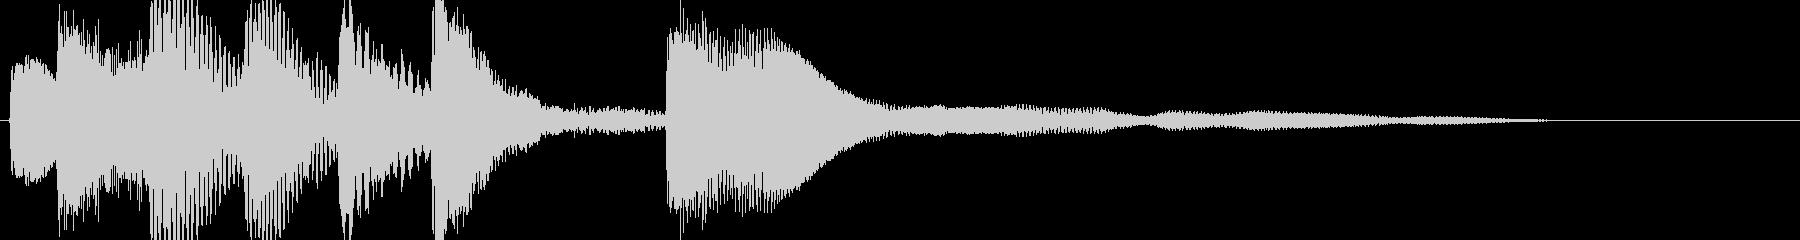 シンプルなジングルその12ですの未再生の波形